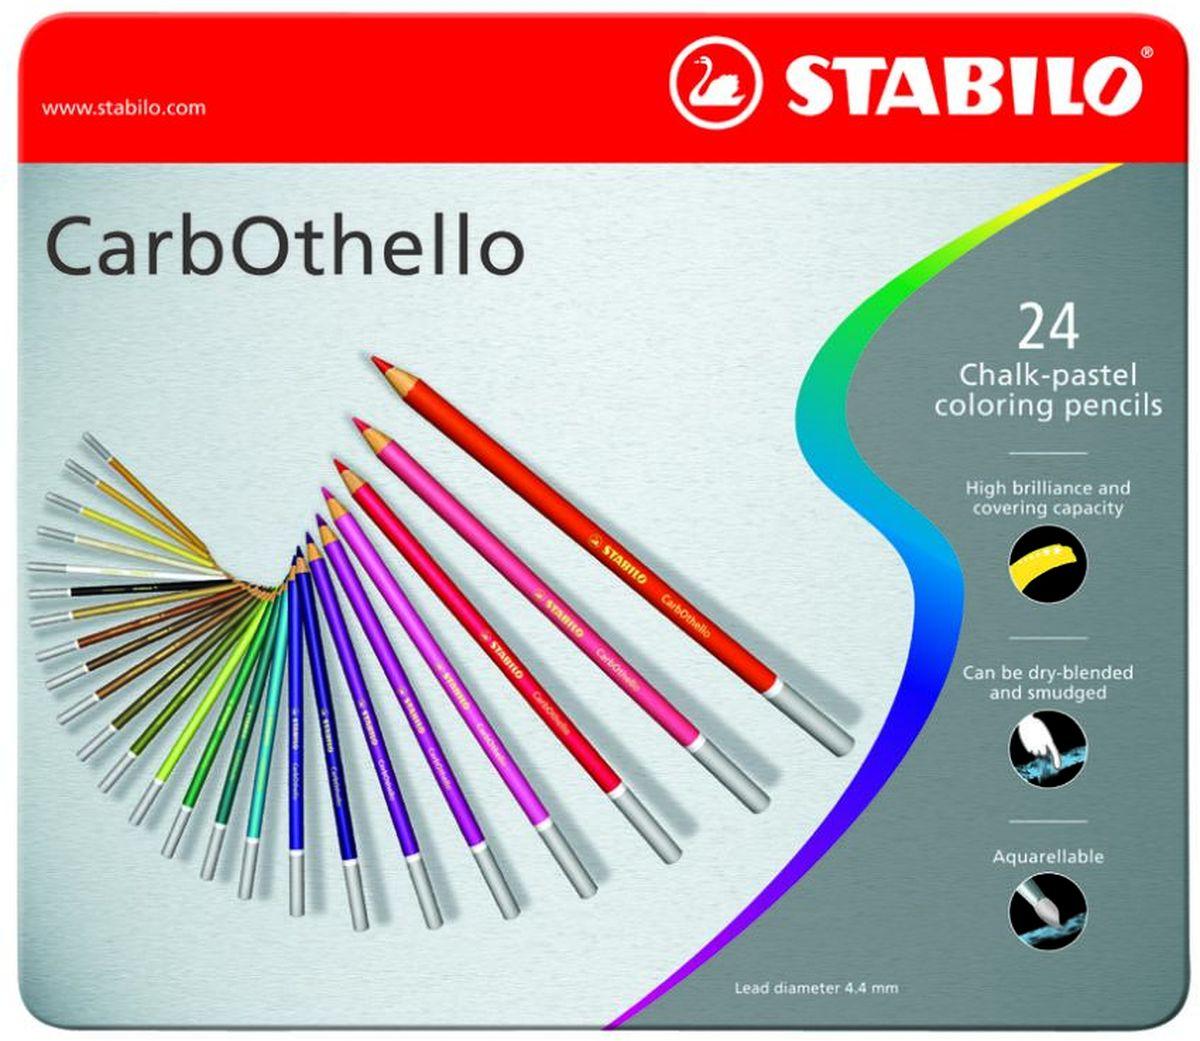 Stabilo Пастель CarbOthello 24 цвета1424-6Цветная пастель в виде деревянного карандаша. Деревянная оболочка карандашазащищает хрупкую сердцевину - пастельный мелок, способный передатьбесподобную свежесть и выразительность красок. Мягкий грифель позволяетрисовать даже на очень тонкой бумаге. Можно использовать как акварельныекарандаши. Цветная пастель идеально подходит для смешивания цветов.Исключительная насыщенность цвета позволяет добиться великолепныхрезультатов даже на темном фоне. Набор в металлической коробке.